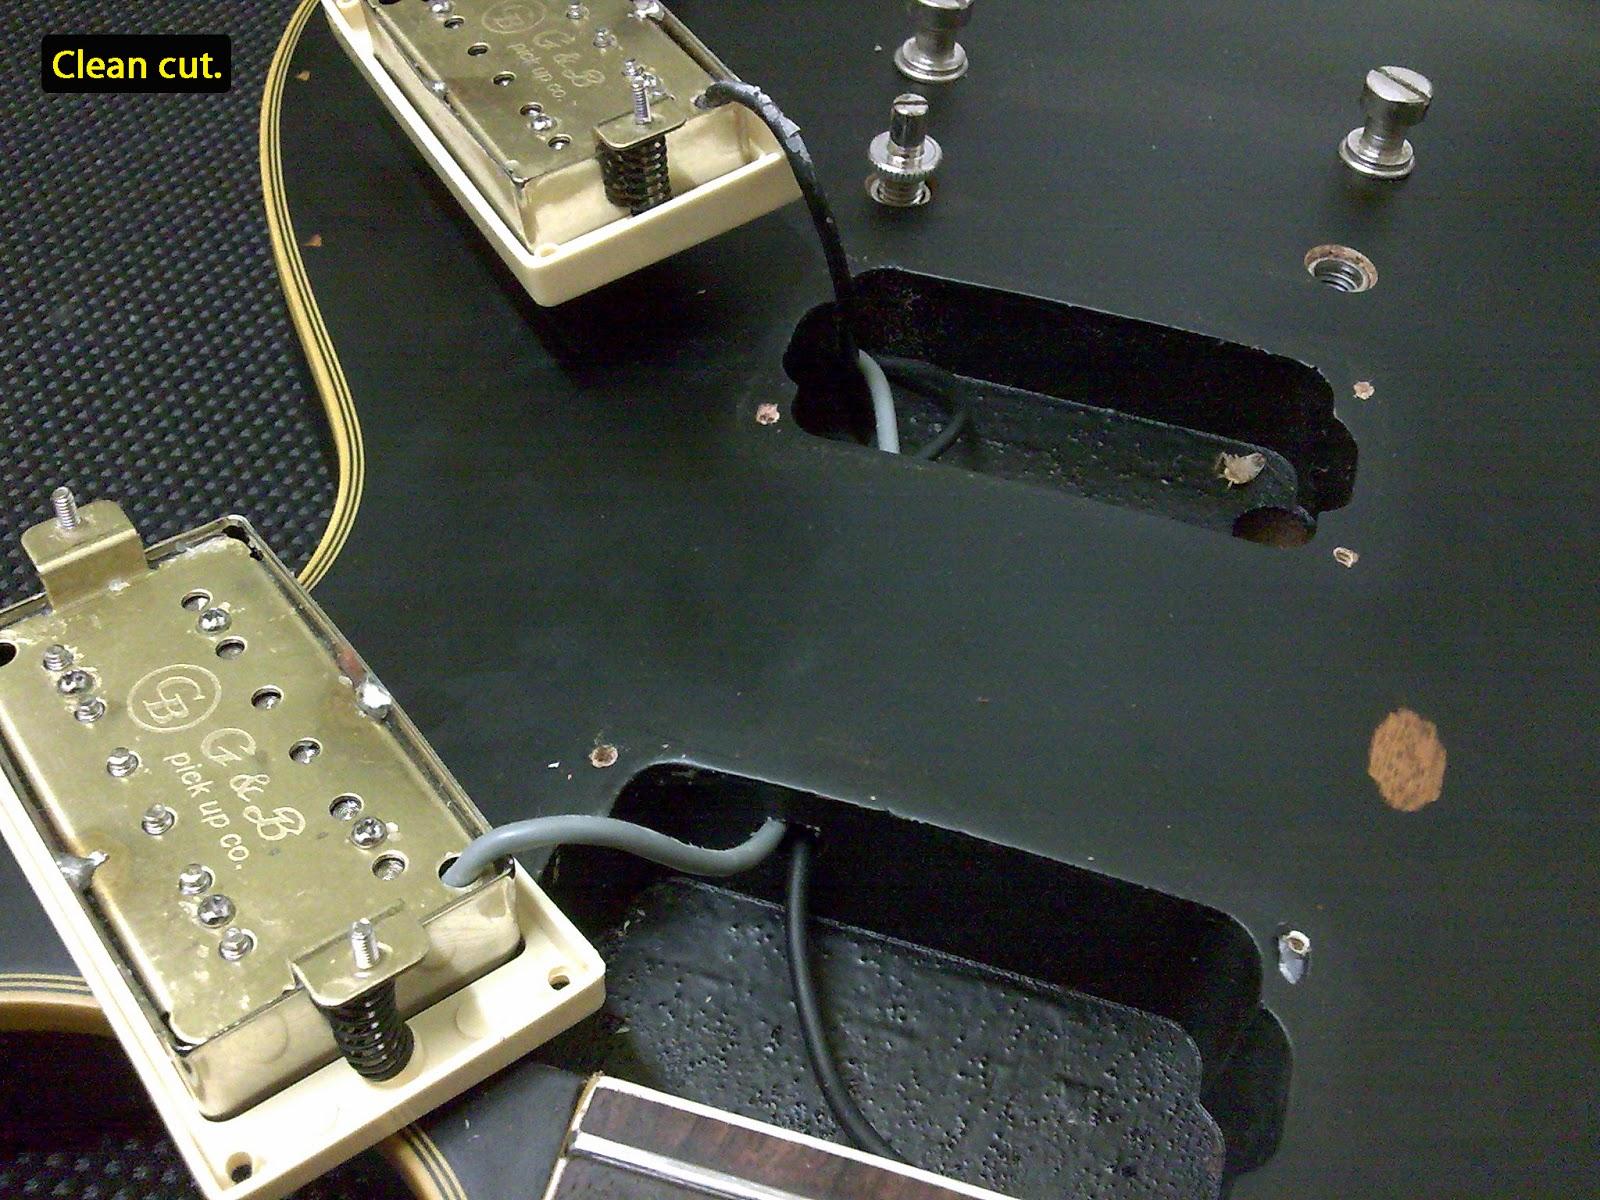 esp ltd ec 256 wiring diagram 1986 ford f150 engine membaiki dan repair gitar amp sewaktu dengannya